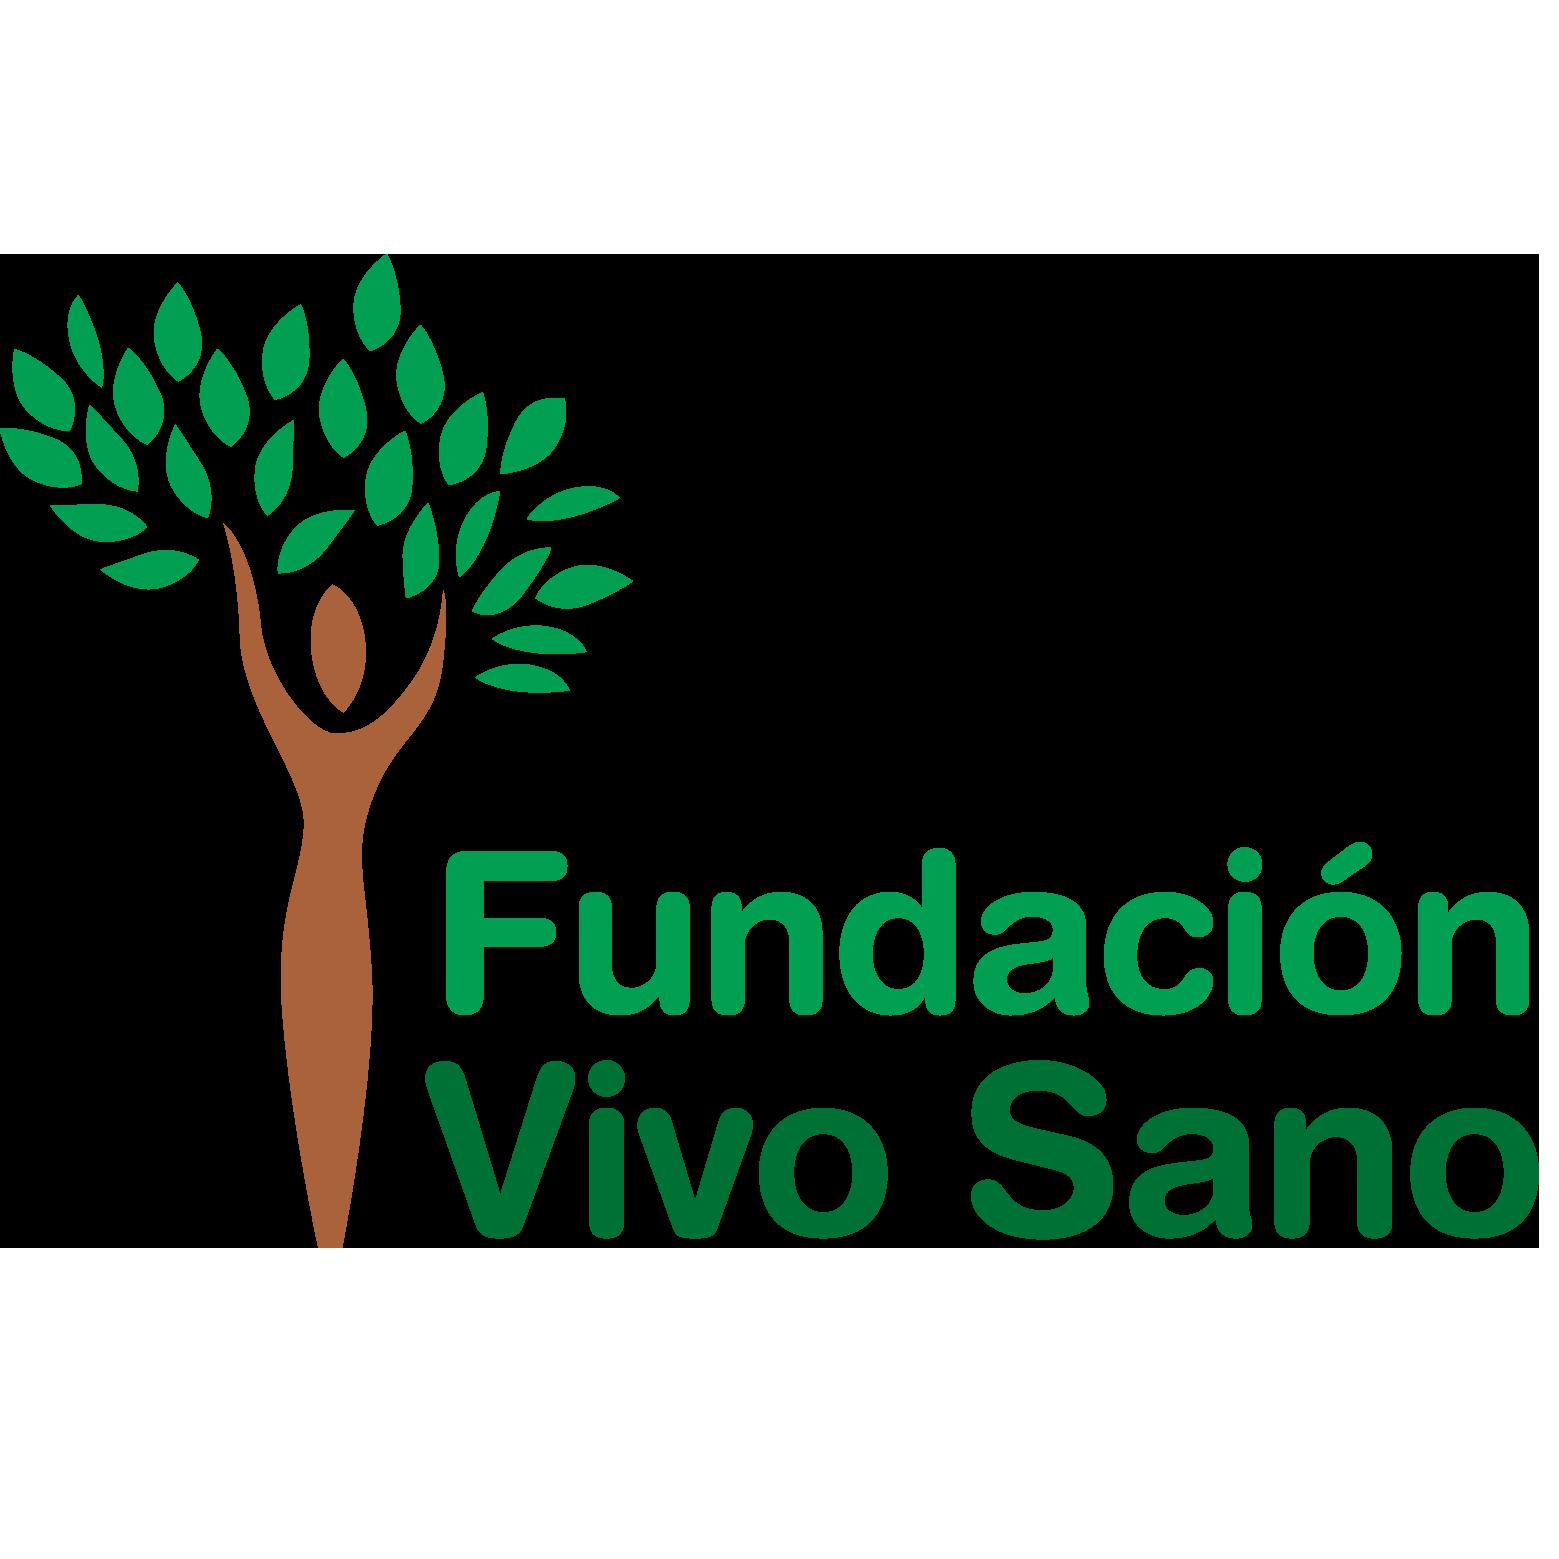 Fundación Vivosano